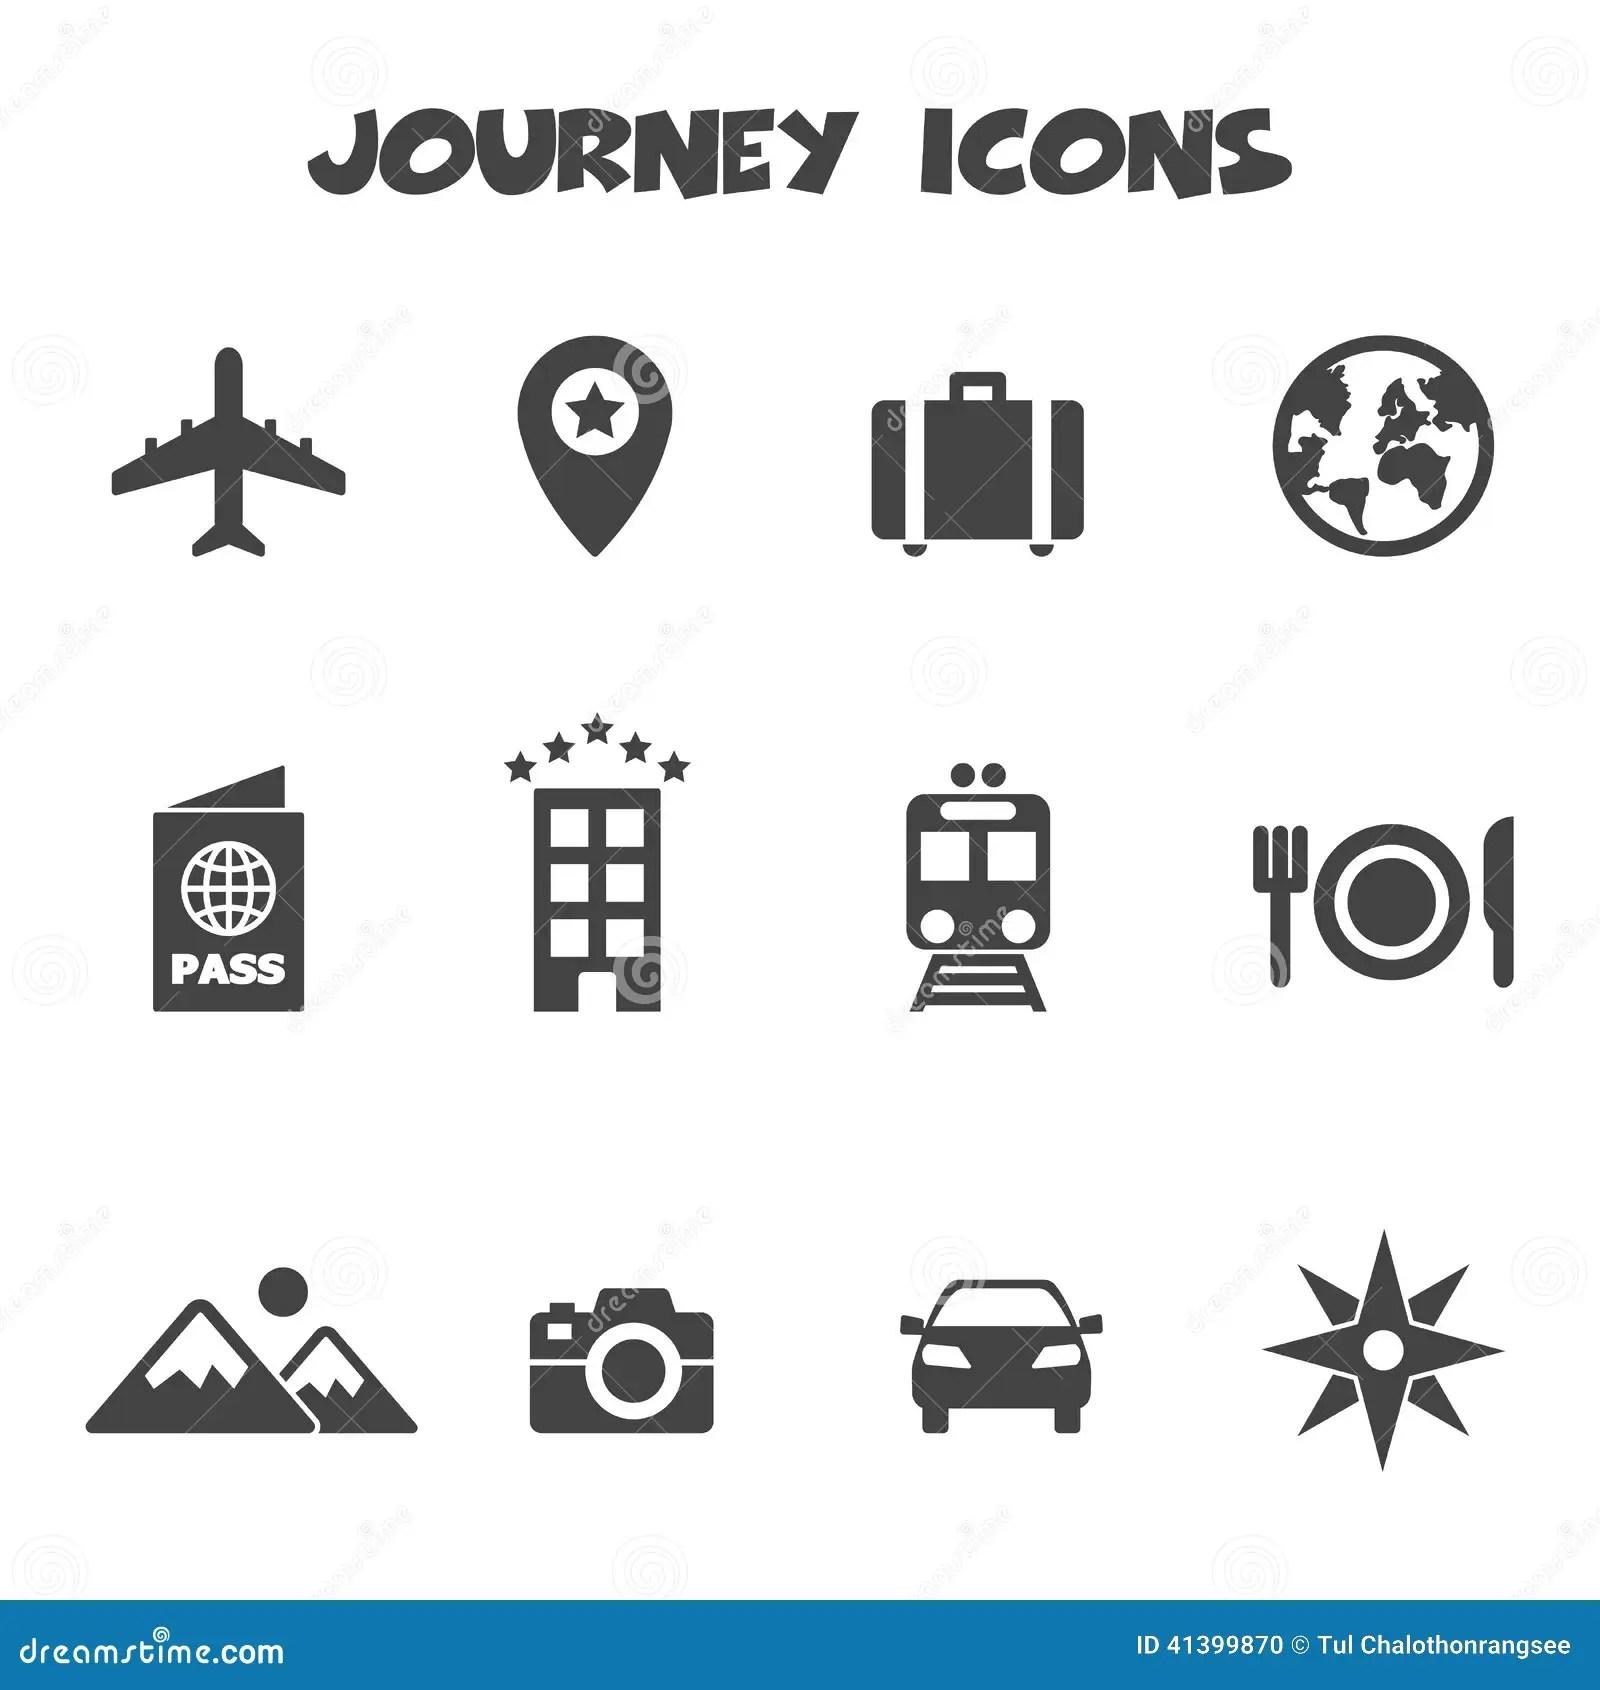 Icones Da Viagem Ilustracao Do Vetor Ilustracao De